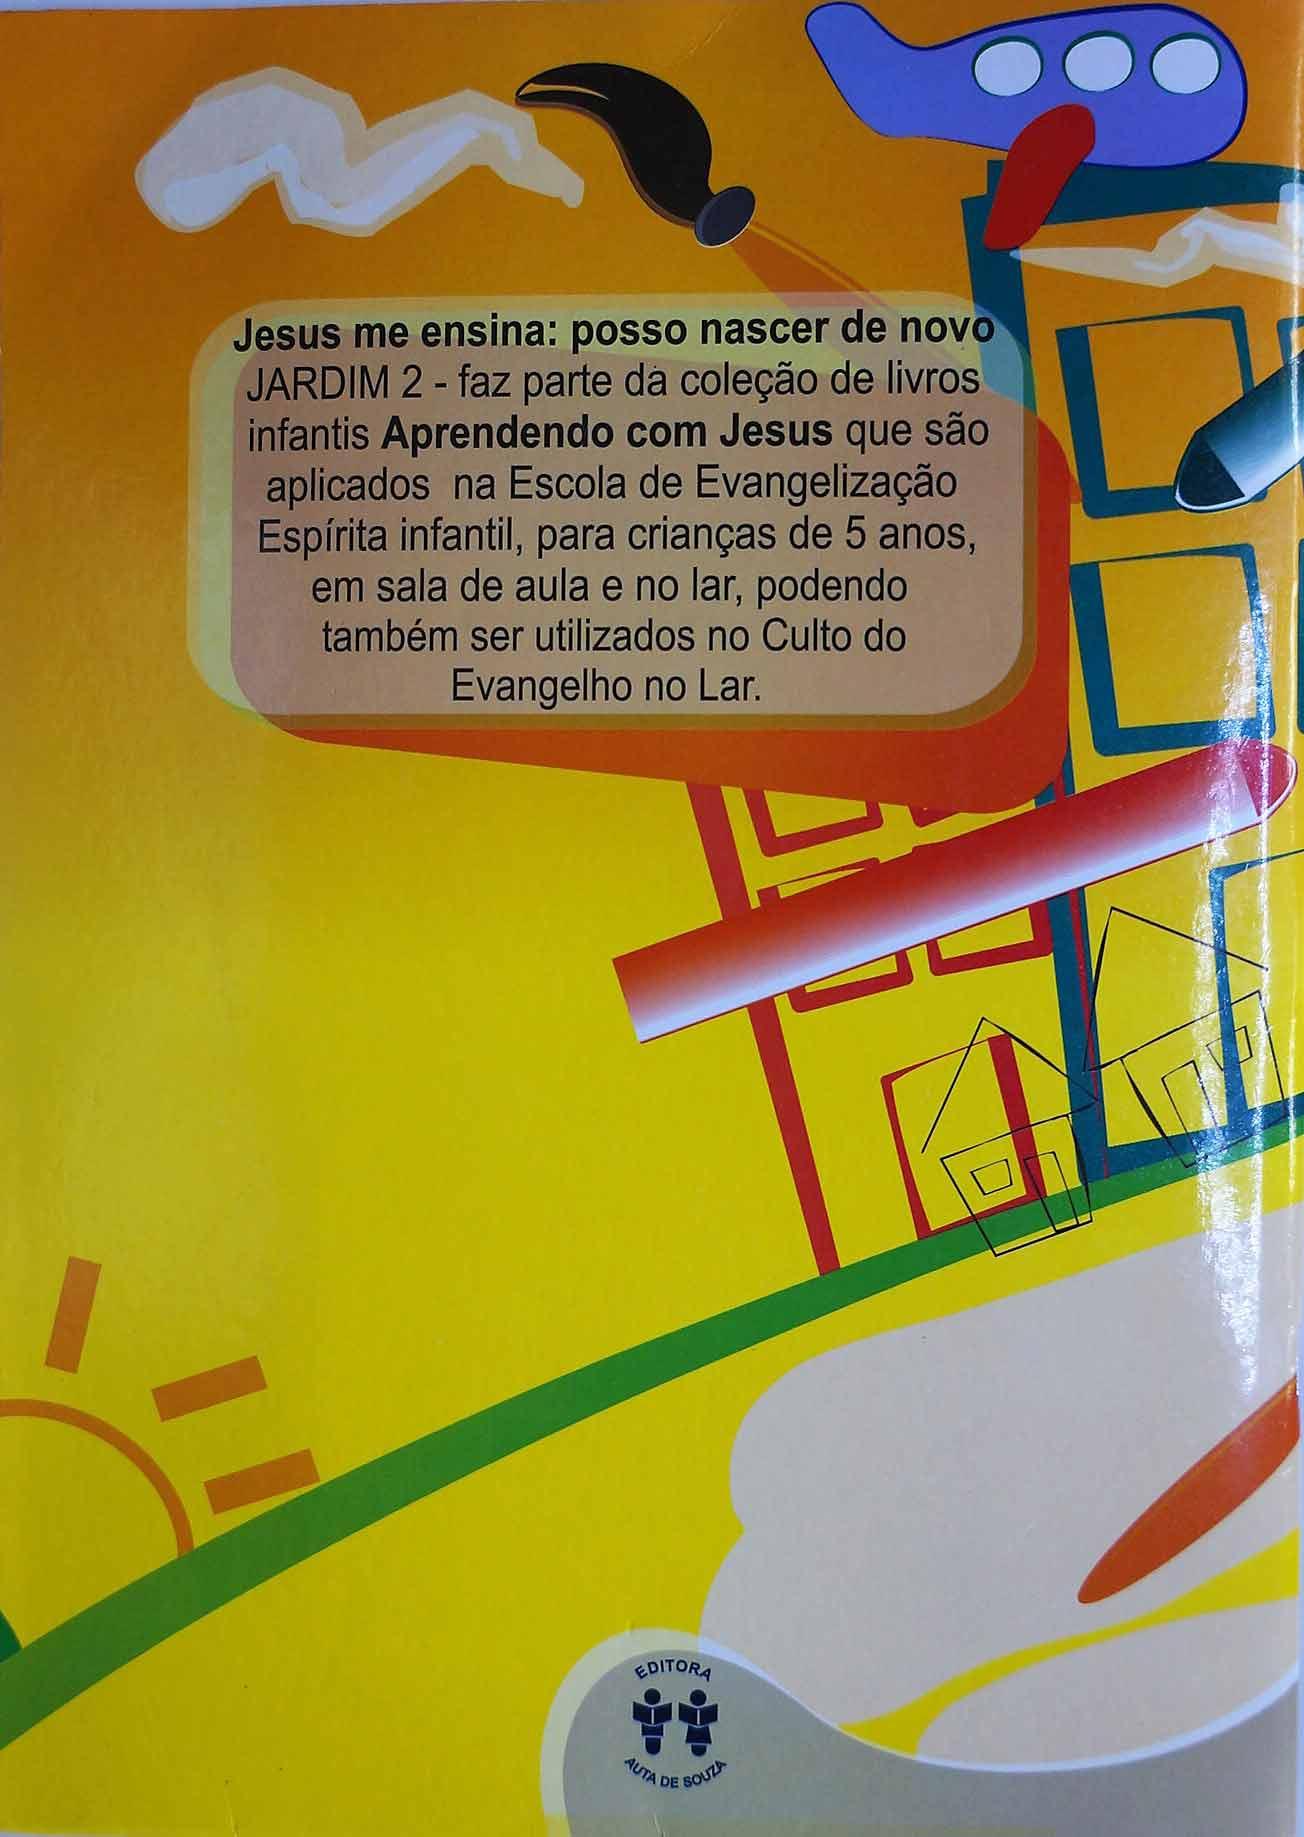 JESUS ME ENSINA: POSSO NASCER DE NOVO - JARDIM 2